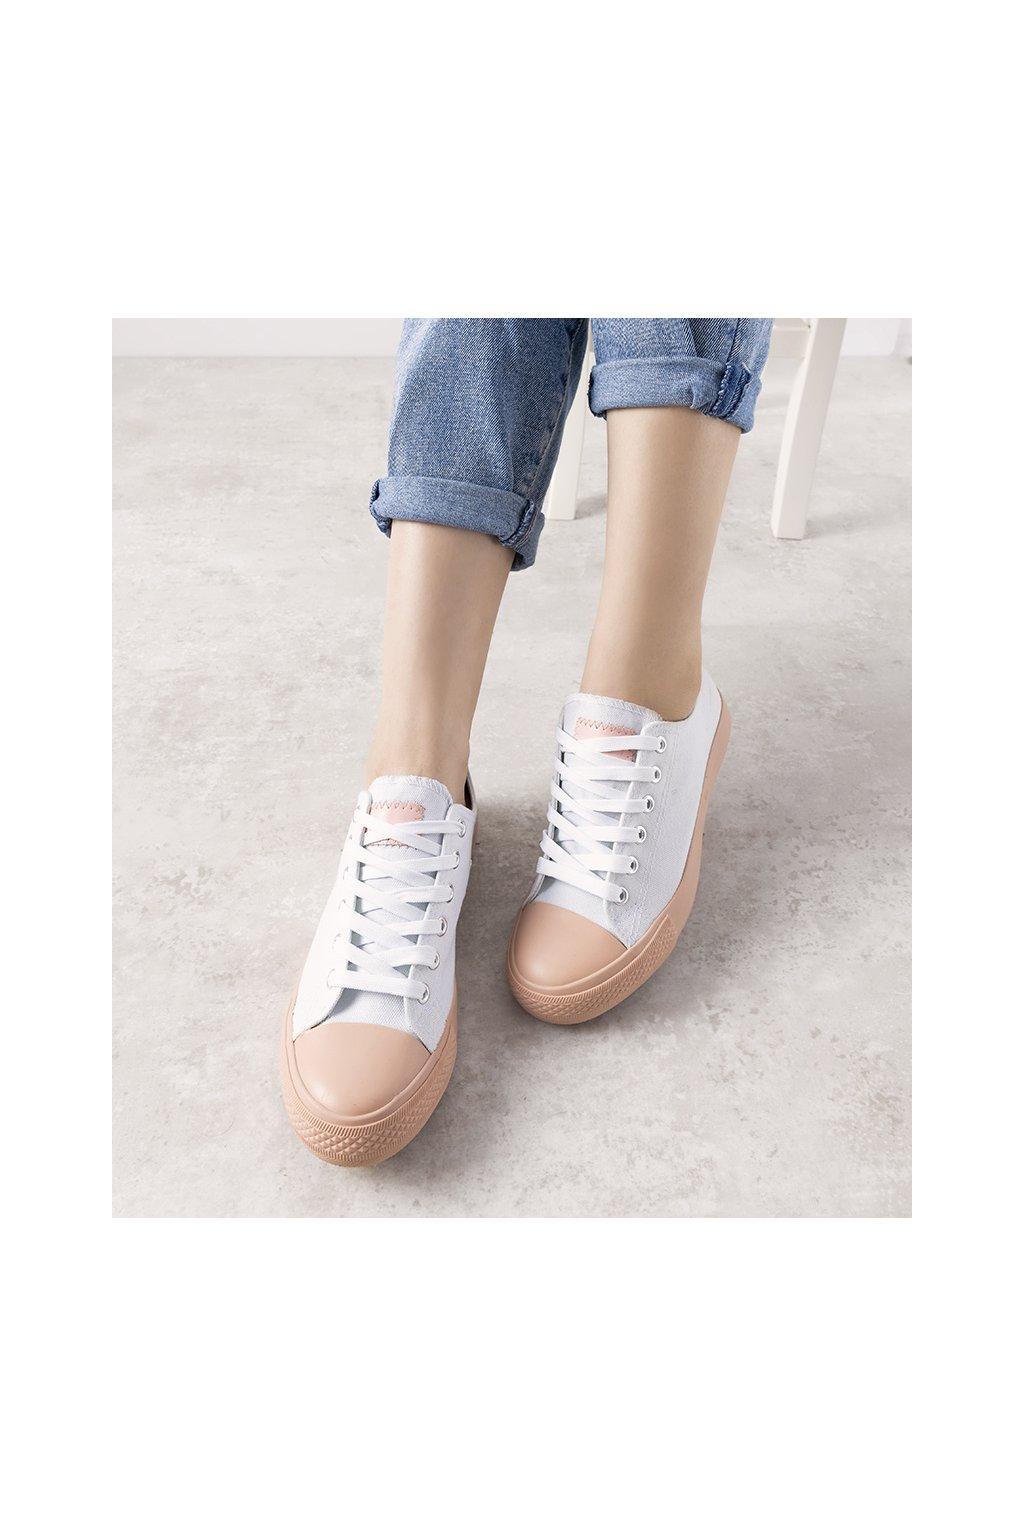 Dámske topánky tenisky biele NJSK B85M-1 - GM